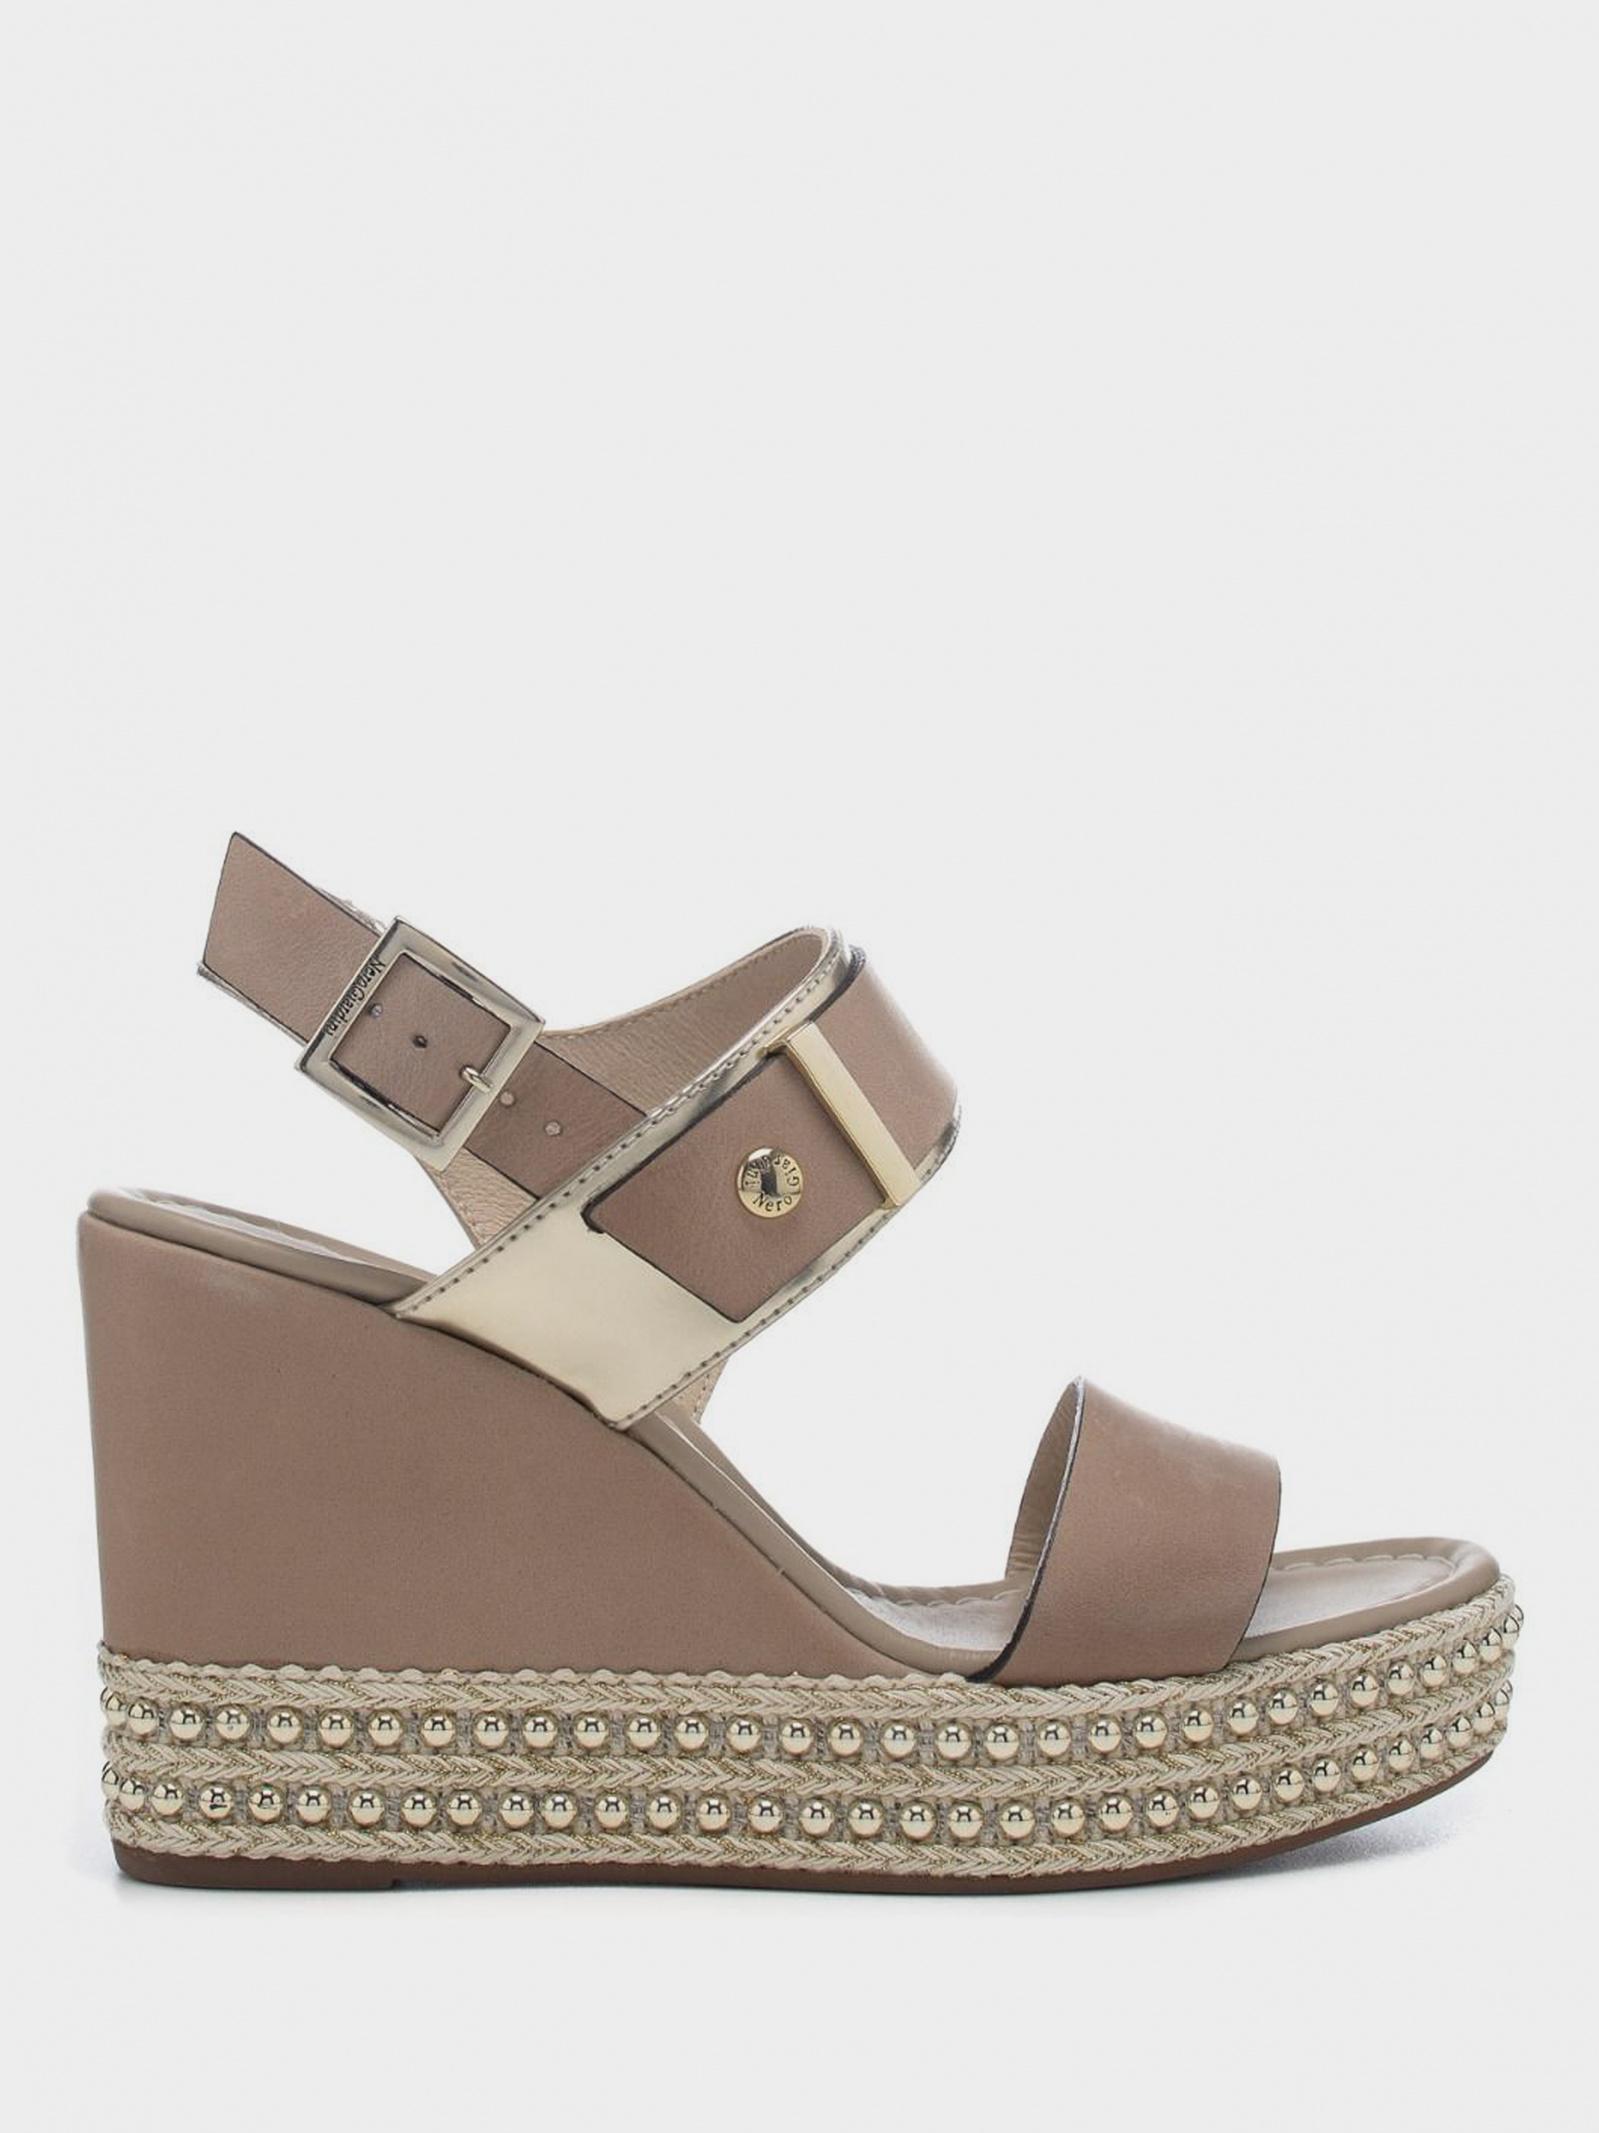 Босоножки женские NeroGiardini E012450D-439 купить обувь, 2017